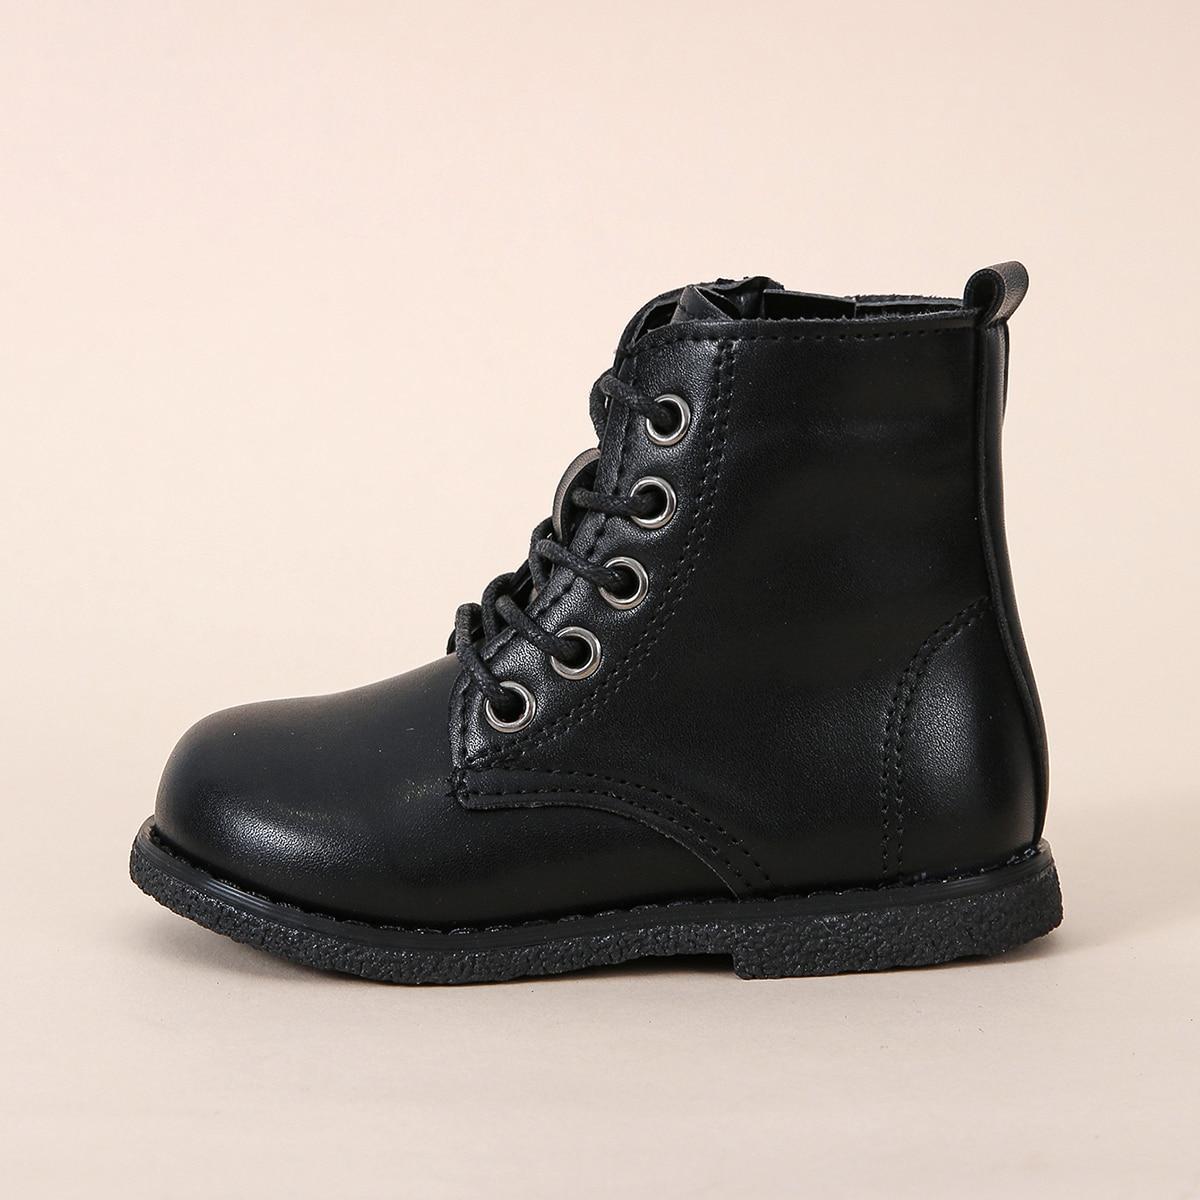 Минималистичные ботинки на шнурке для девочек SheIn sk2107295722474868